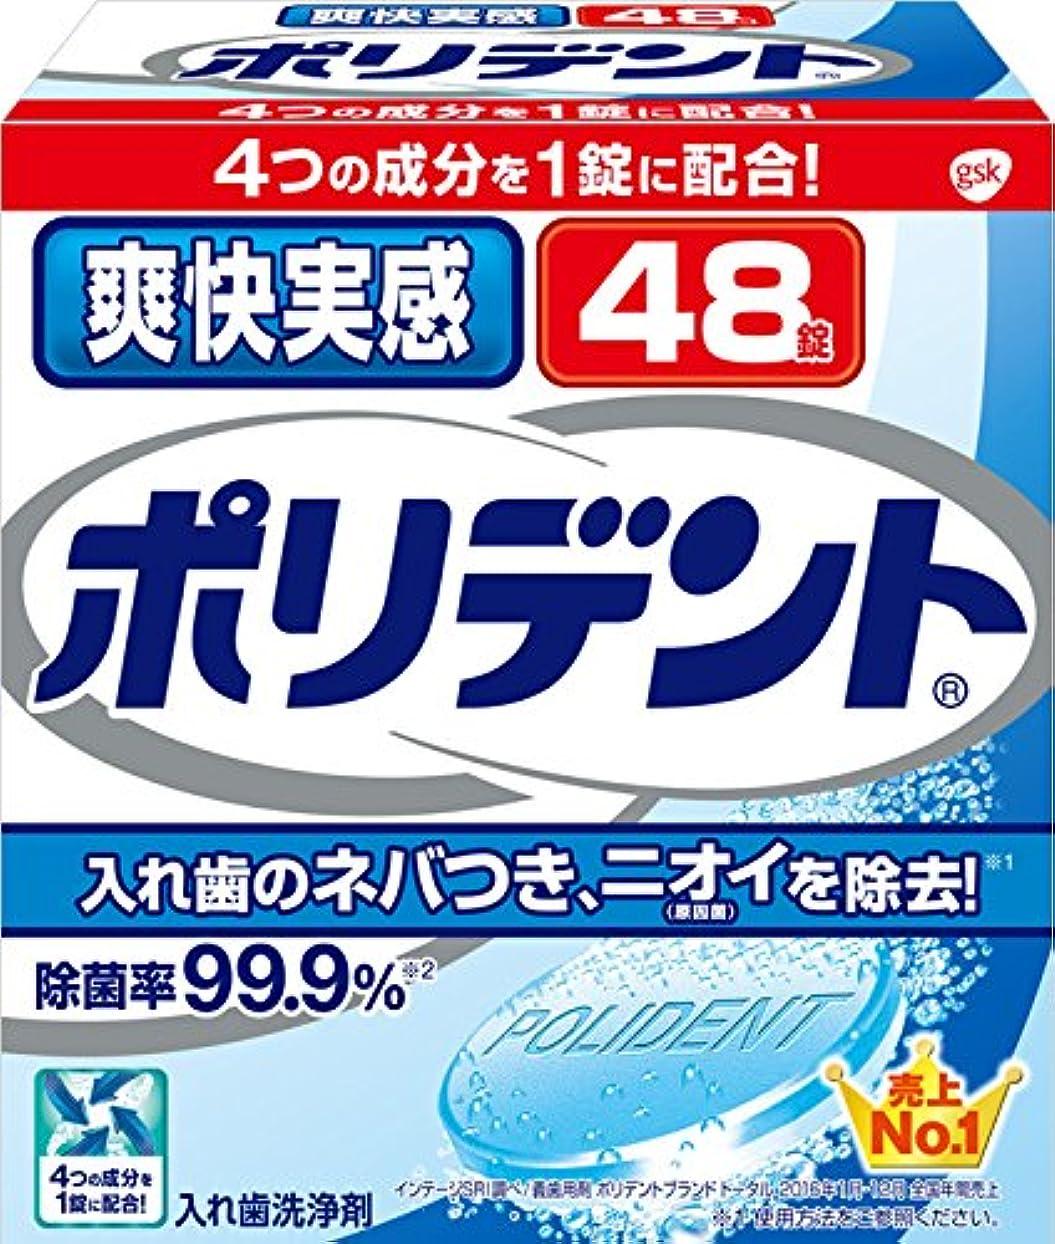 おなじみのアヒル証明入れ歯洗浄剤 爽快実感 ポリデント 48錠